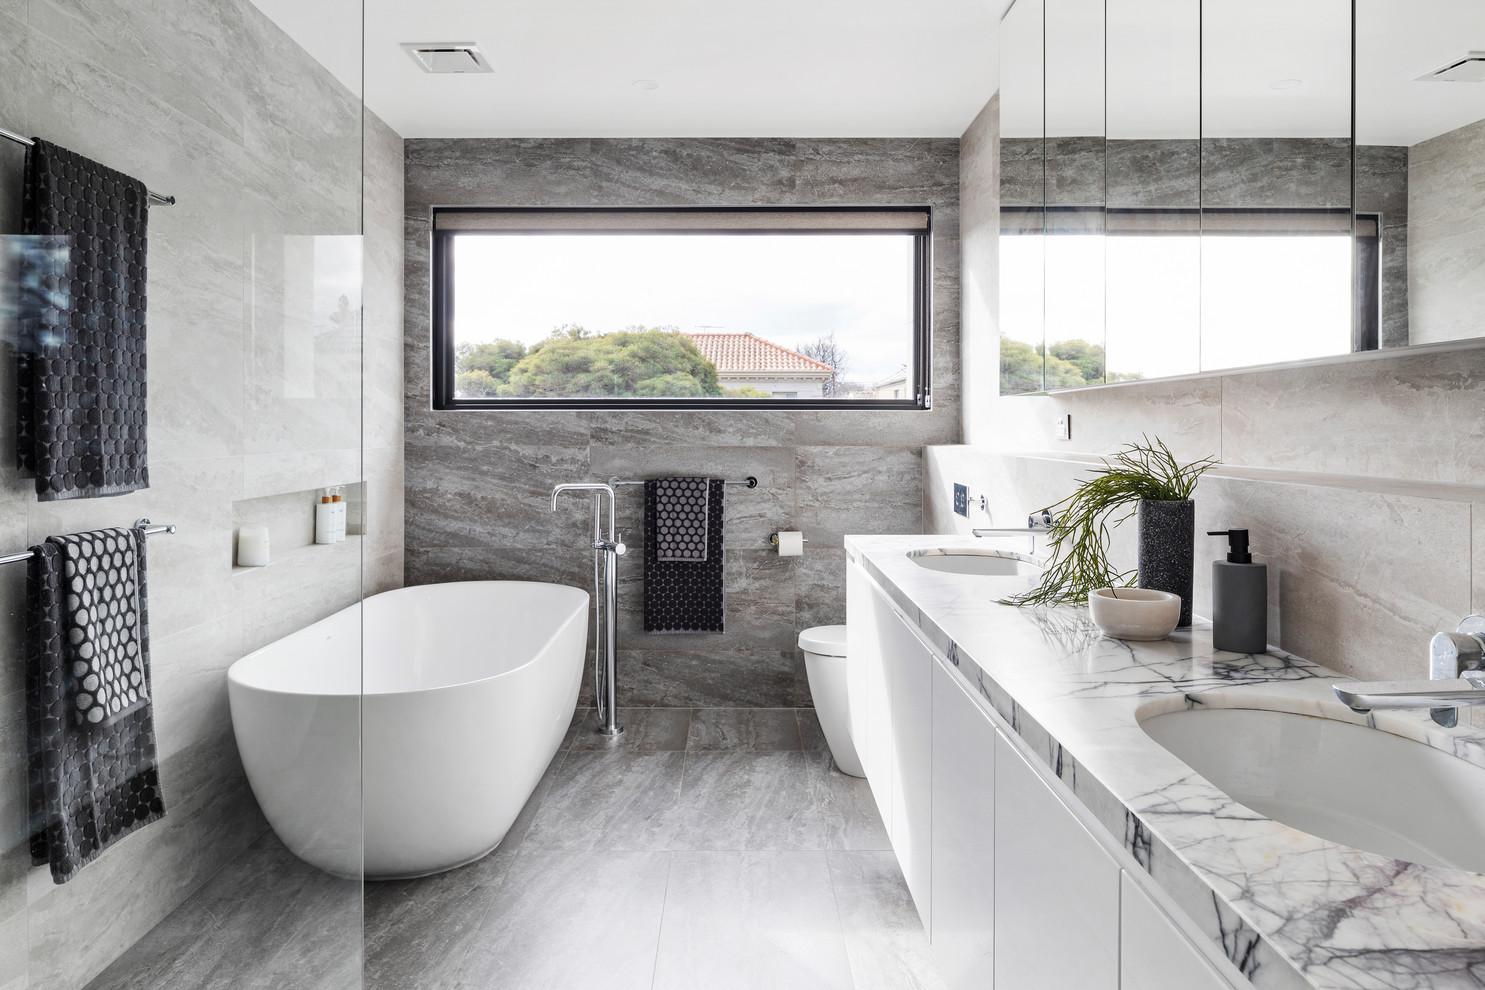 White and stone bathroom looks just splendid!